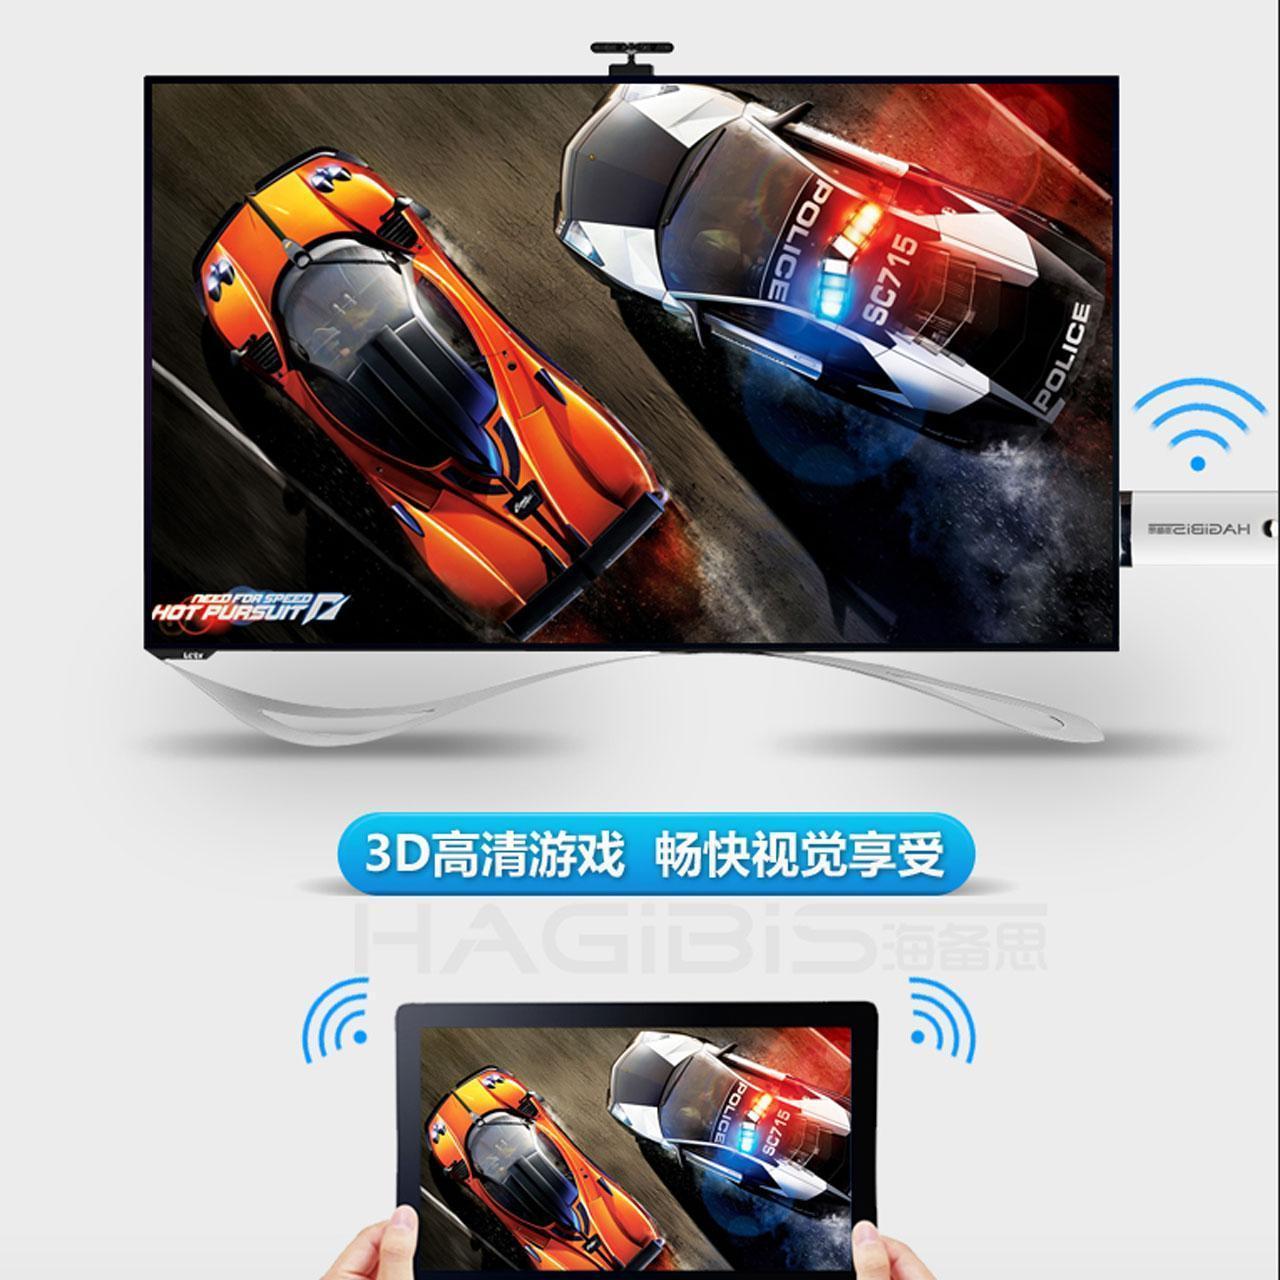 دانگل انتقال تصویر وایرلس HAGIBIS مدل 2.4G